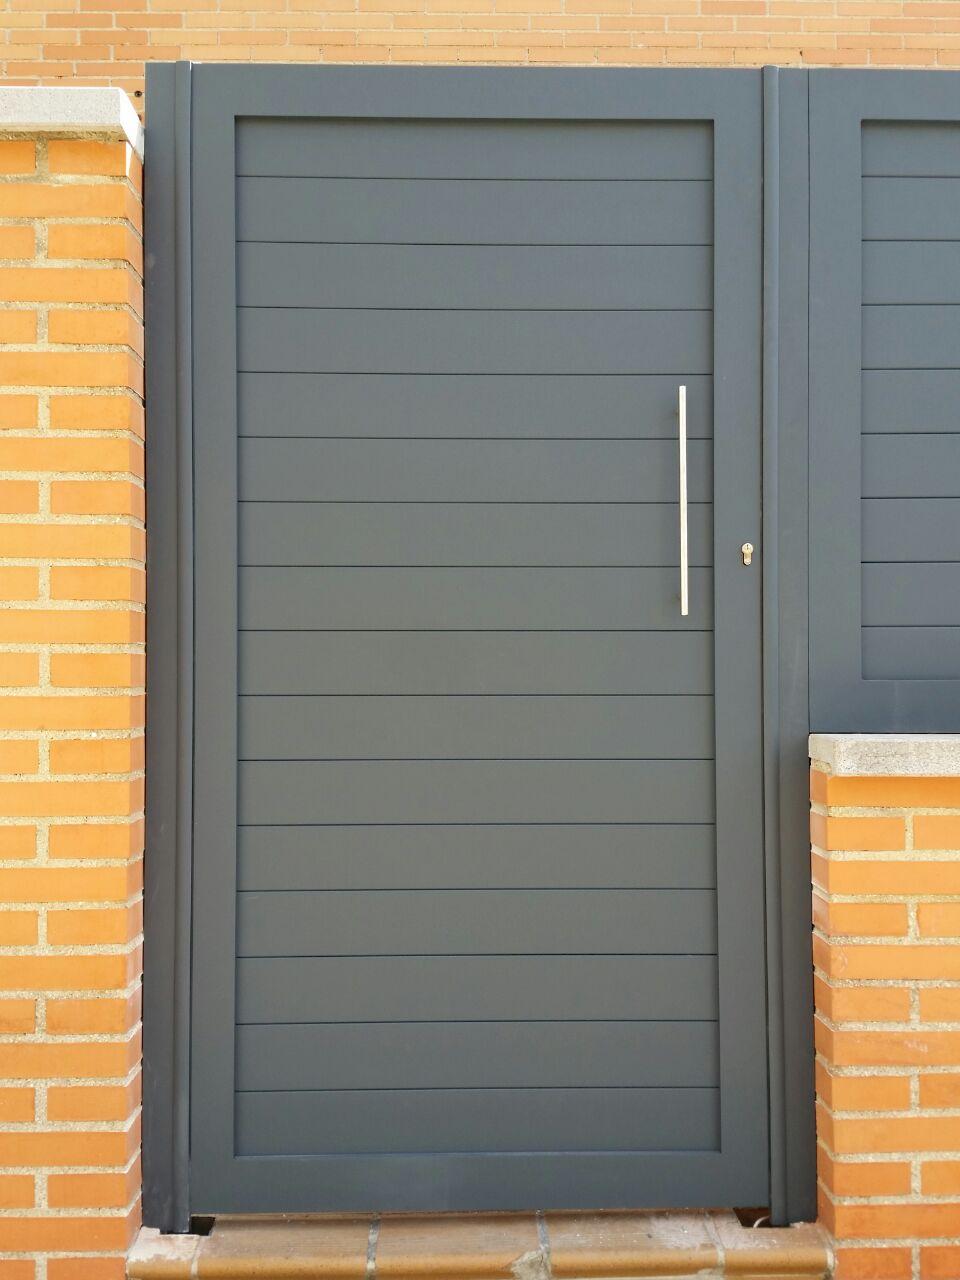 Abril 2015 marver aluminio soldado blog grupo marver - Modelo de puertas de aluminio ...